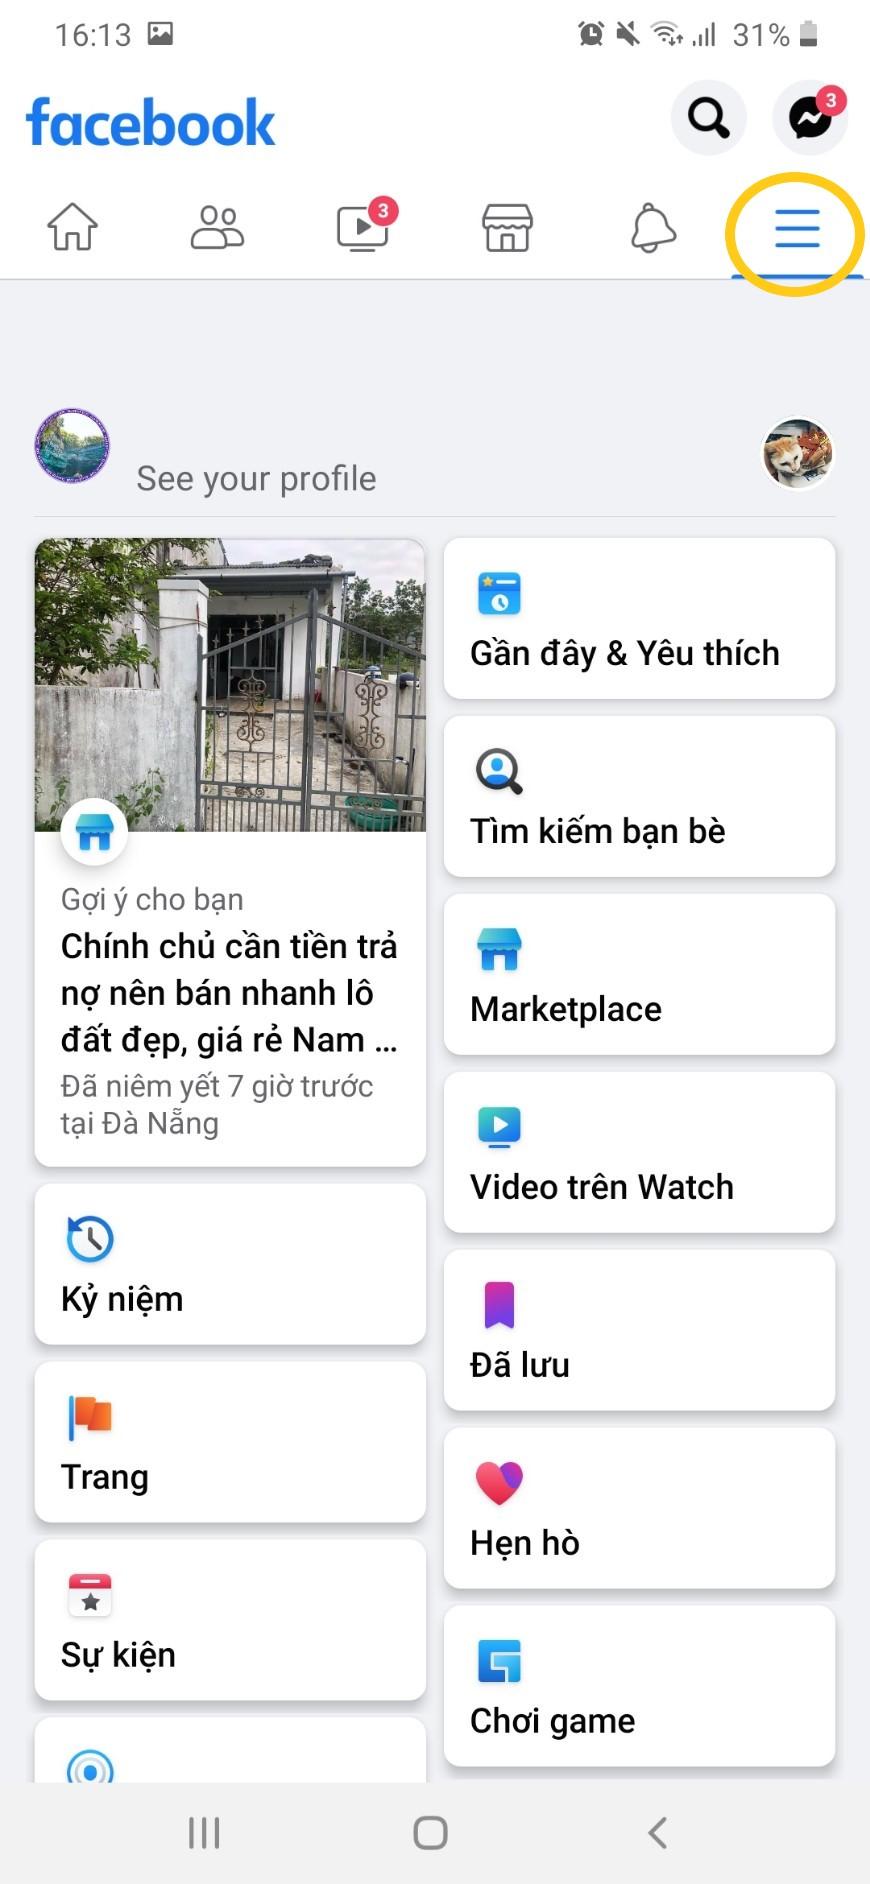 Hướng dẫn từng bước chuyển Facebook sang Tiếng Việt, ai cũng sẽ làm được 2